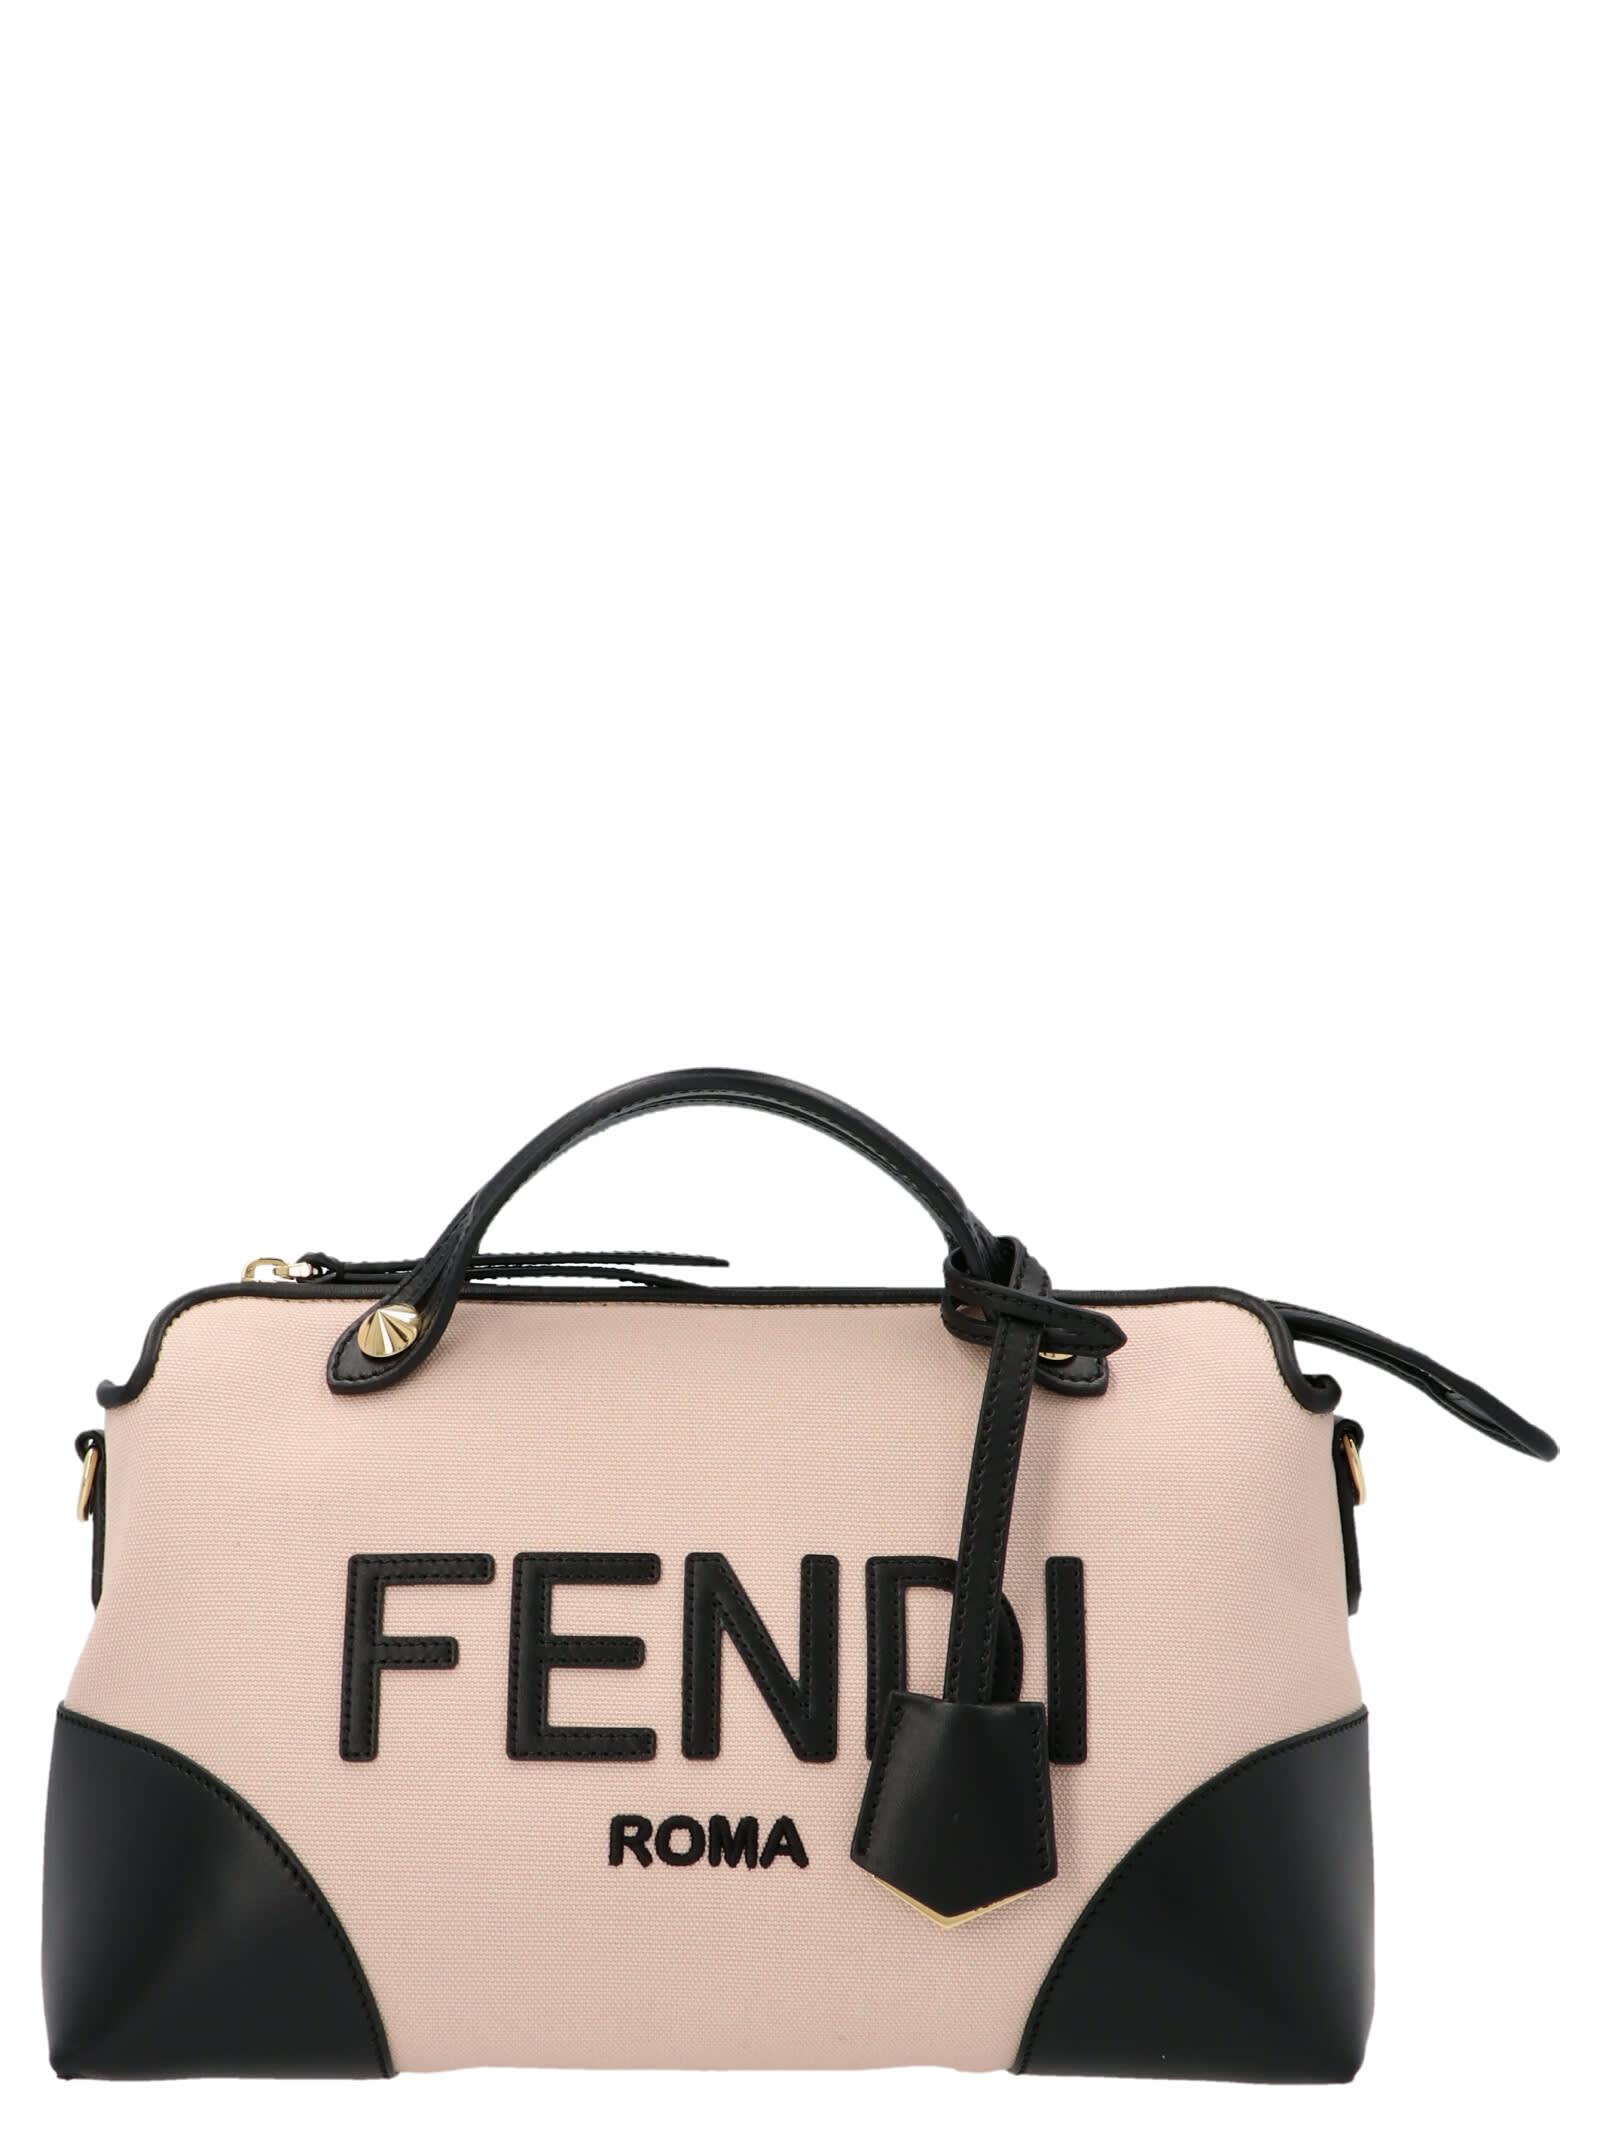 Fendi by The Way Medium Bag